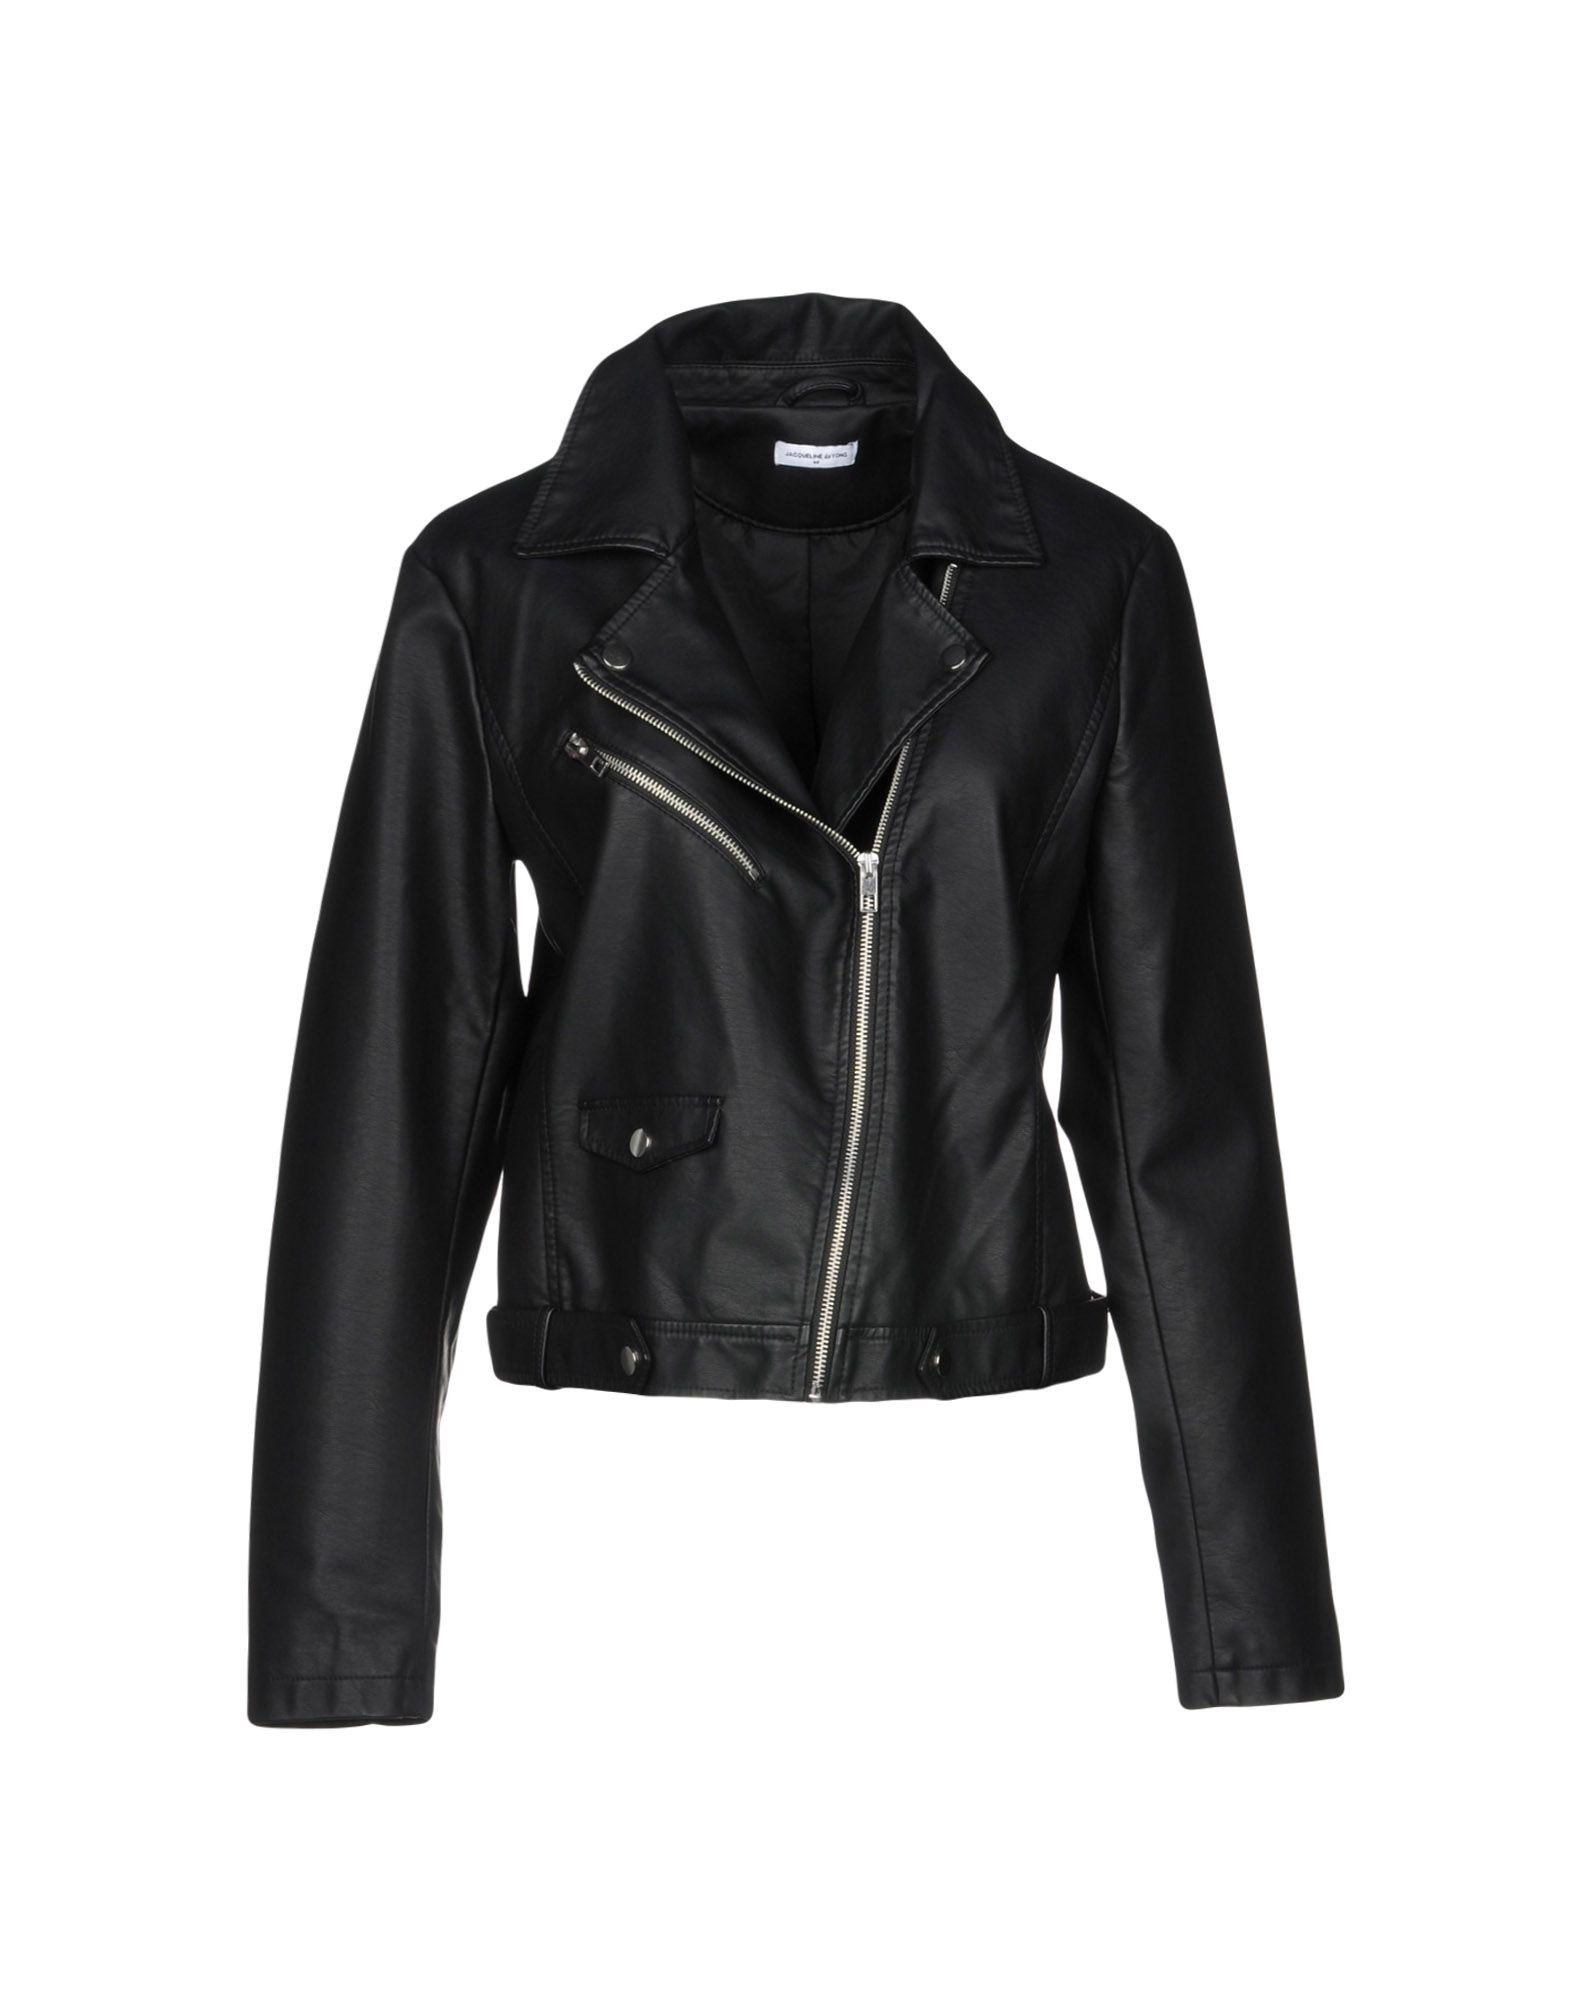 5 кожаных курток до3500 рублей, как уКсении Бородиной